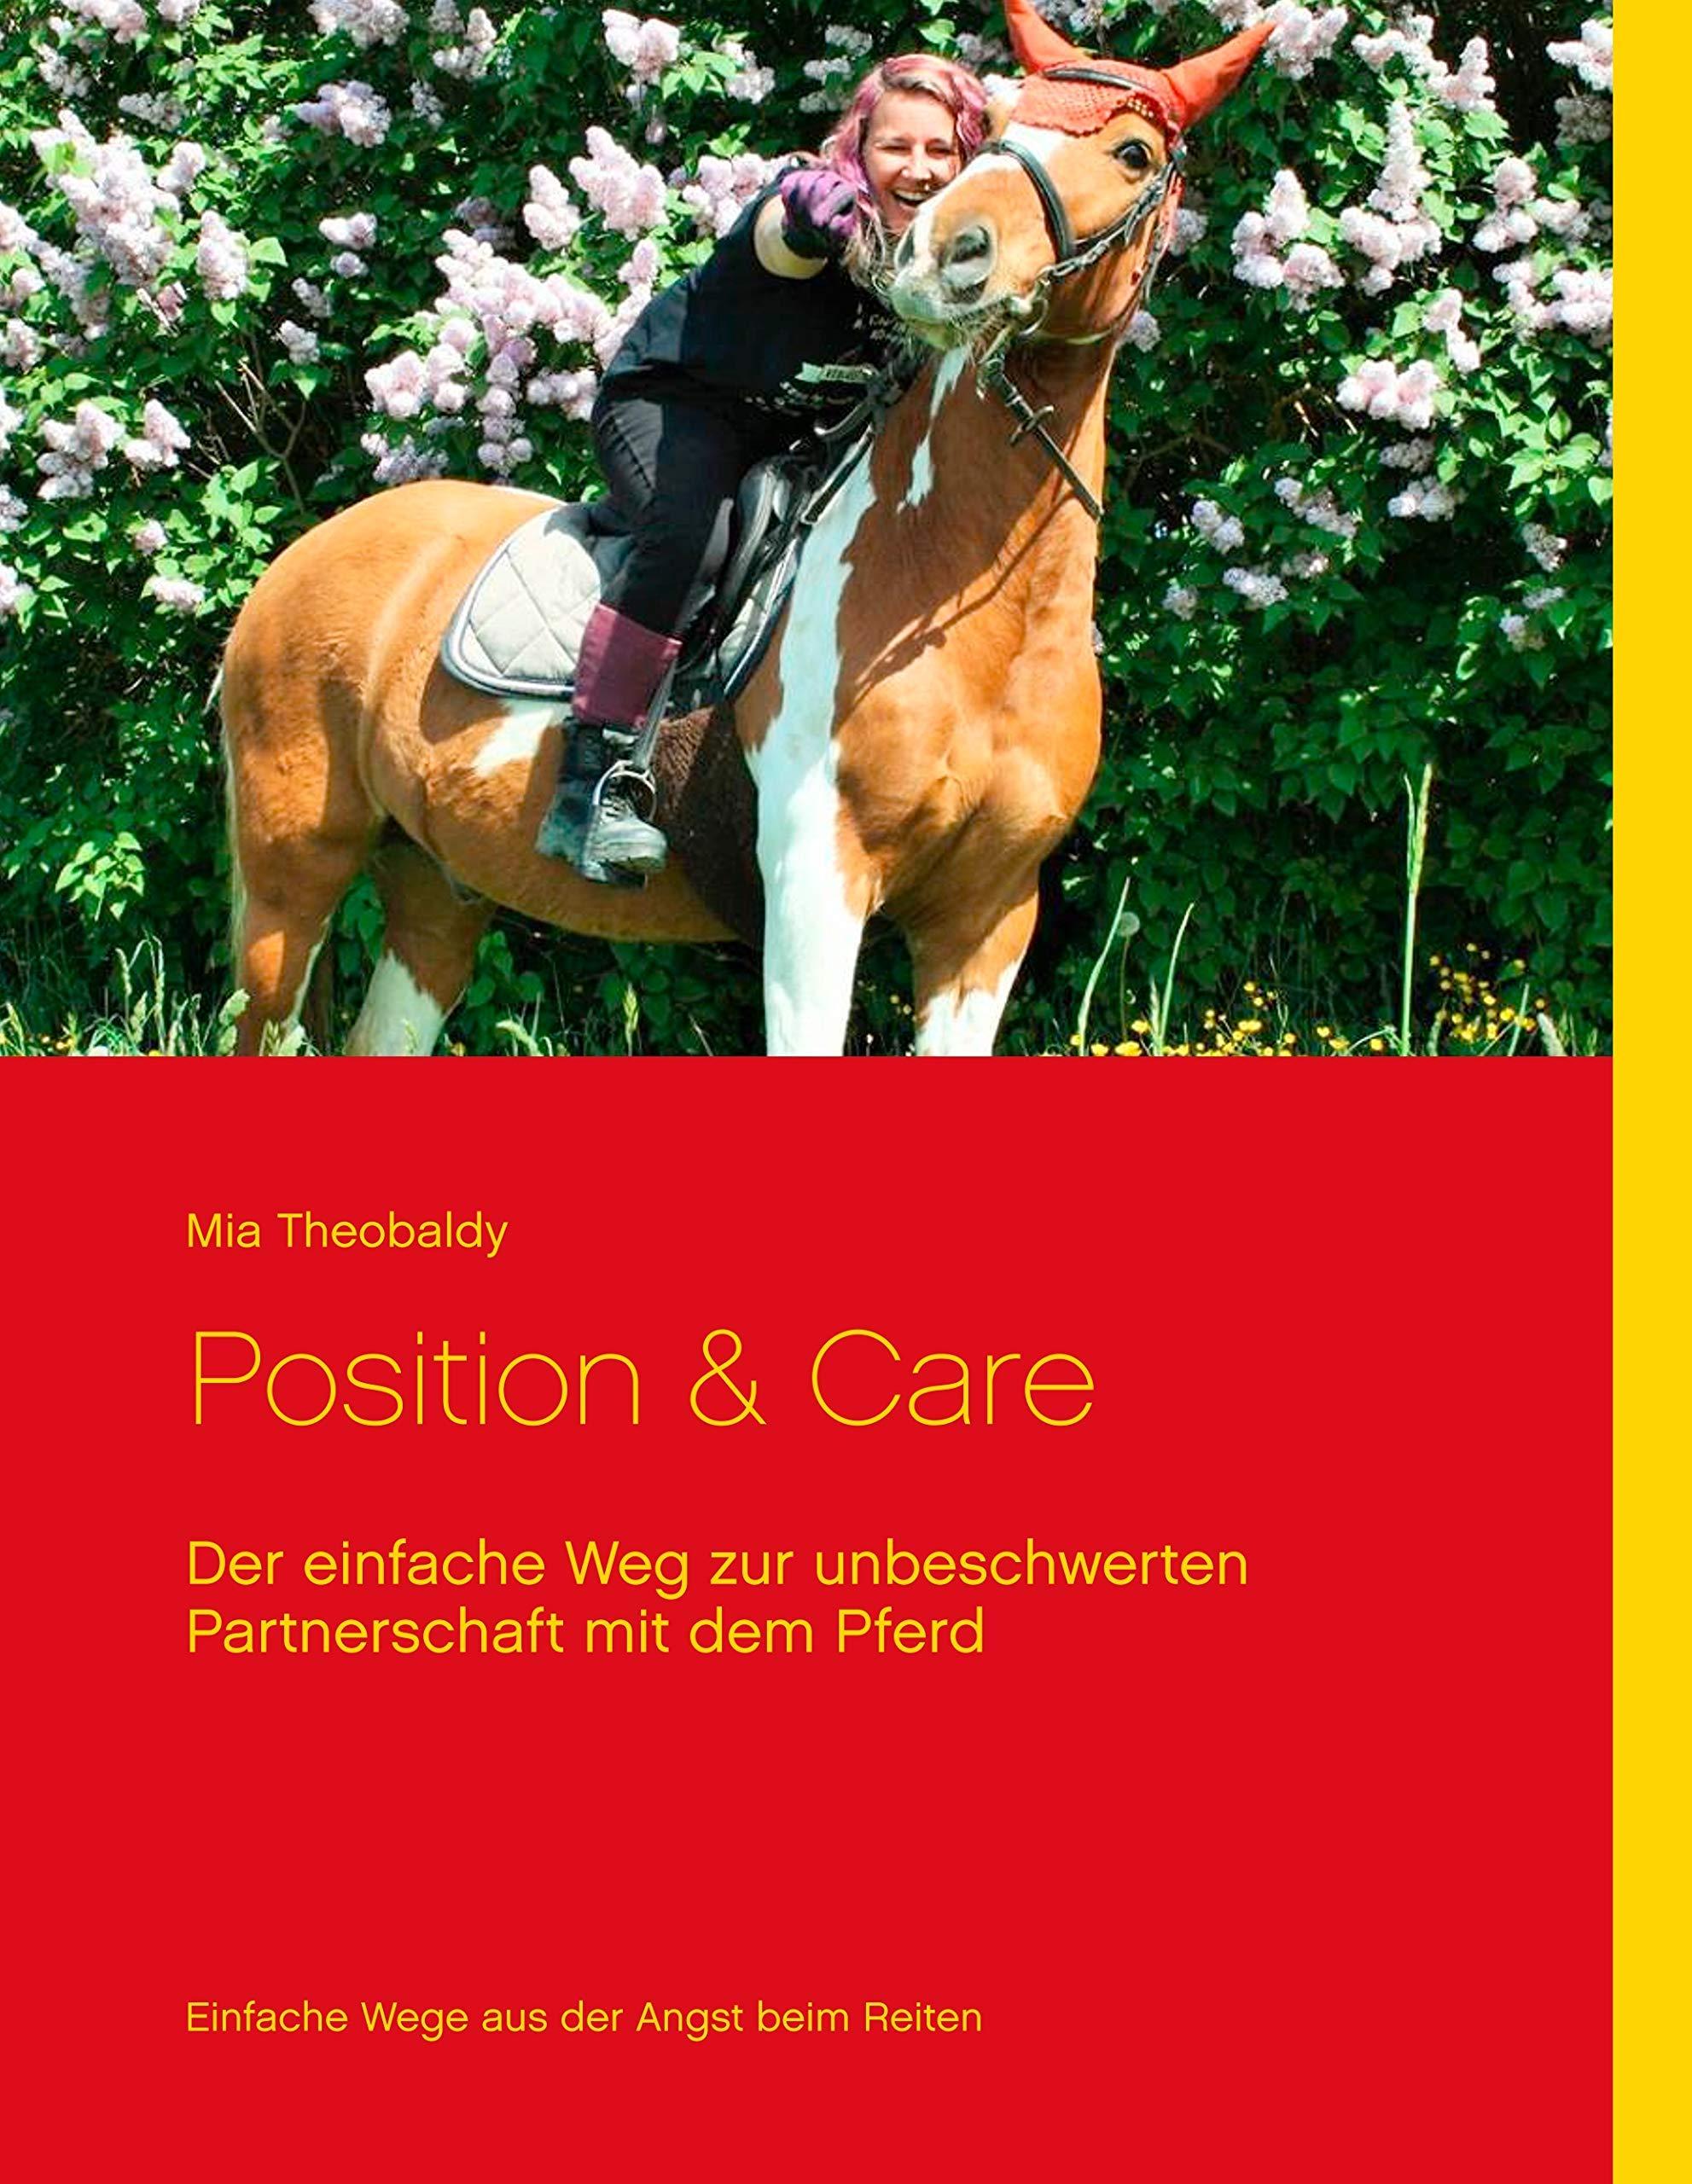 Position & Care: Der einfache Weg zur unbeschwerten Partnerschaft mit dem Pferd